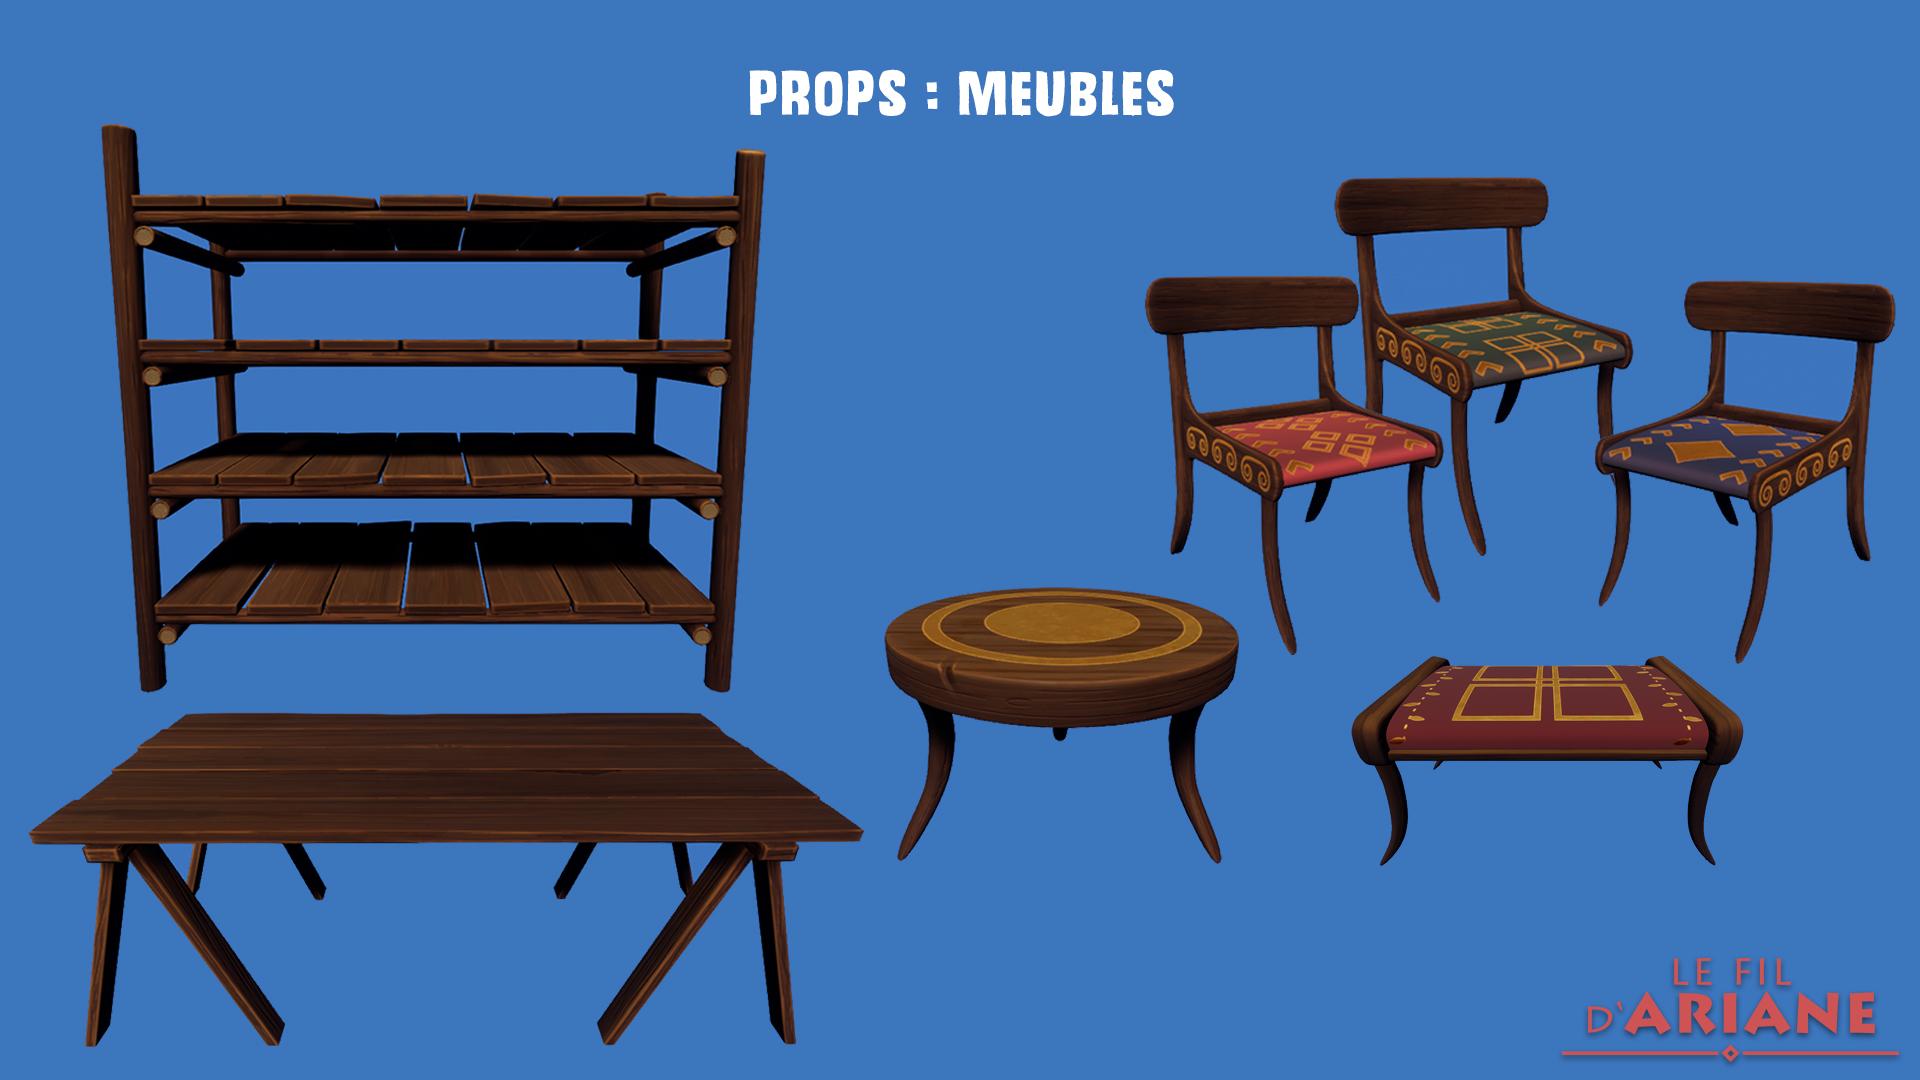 Props : Meubles